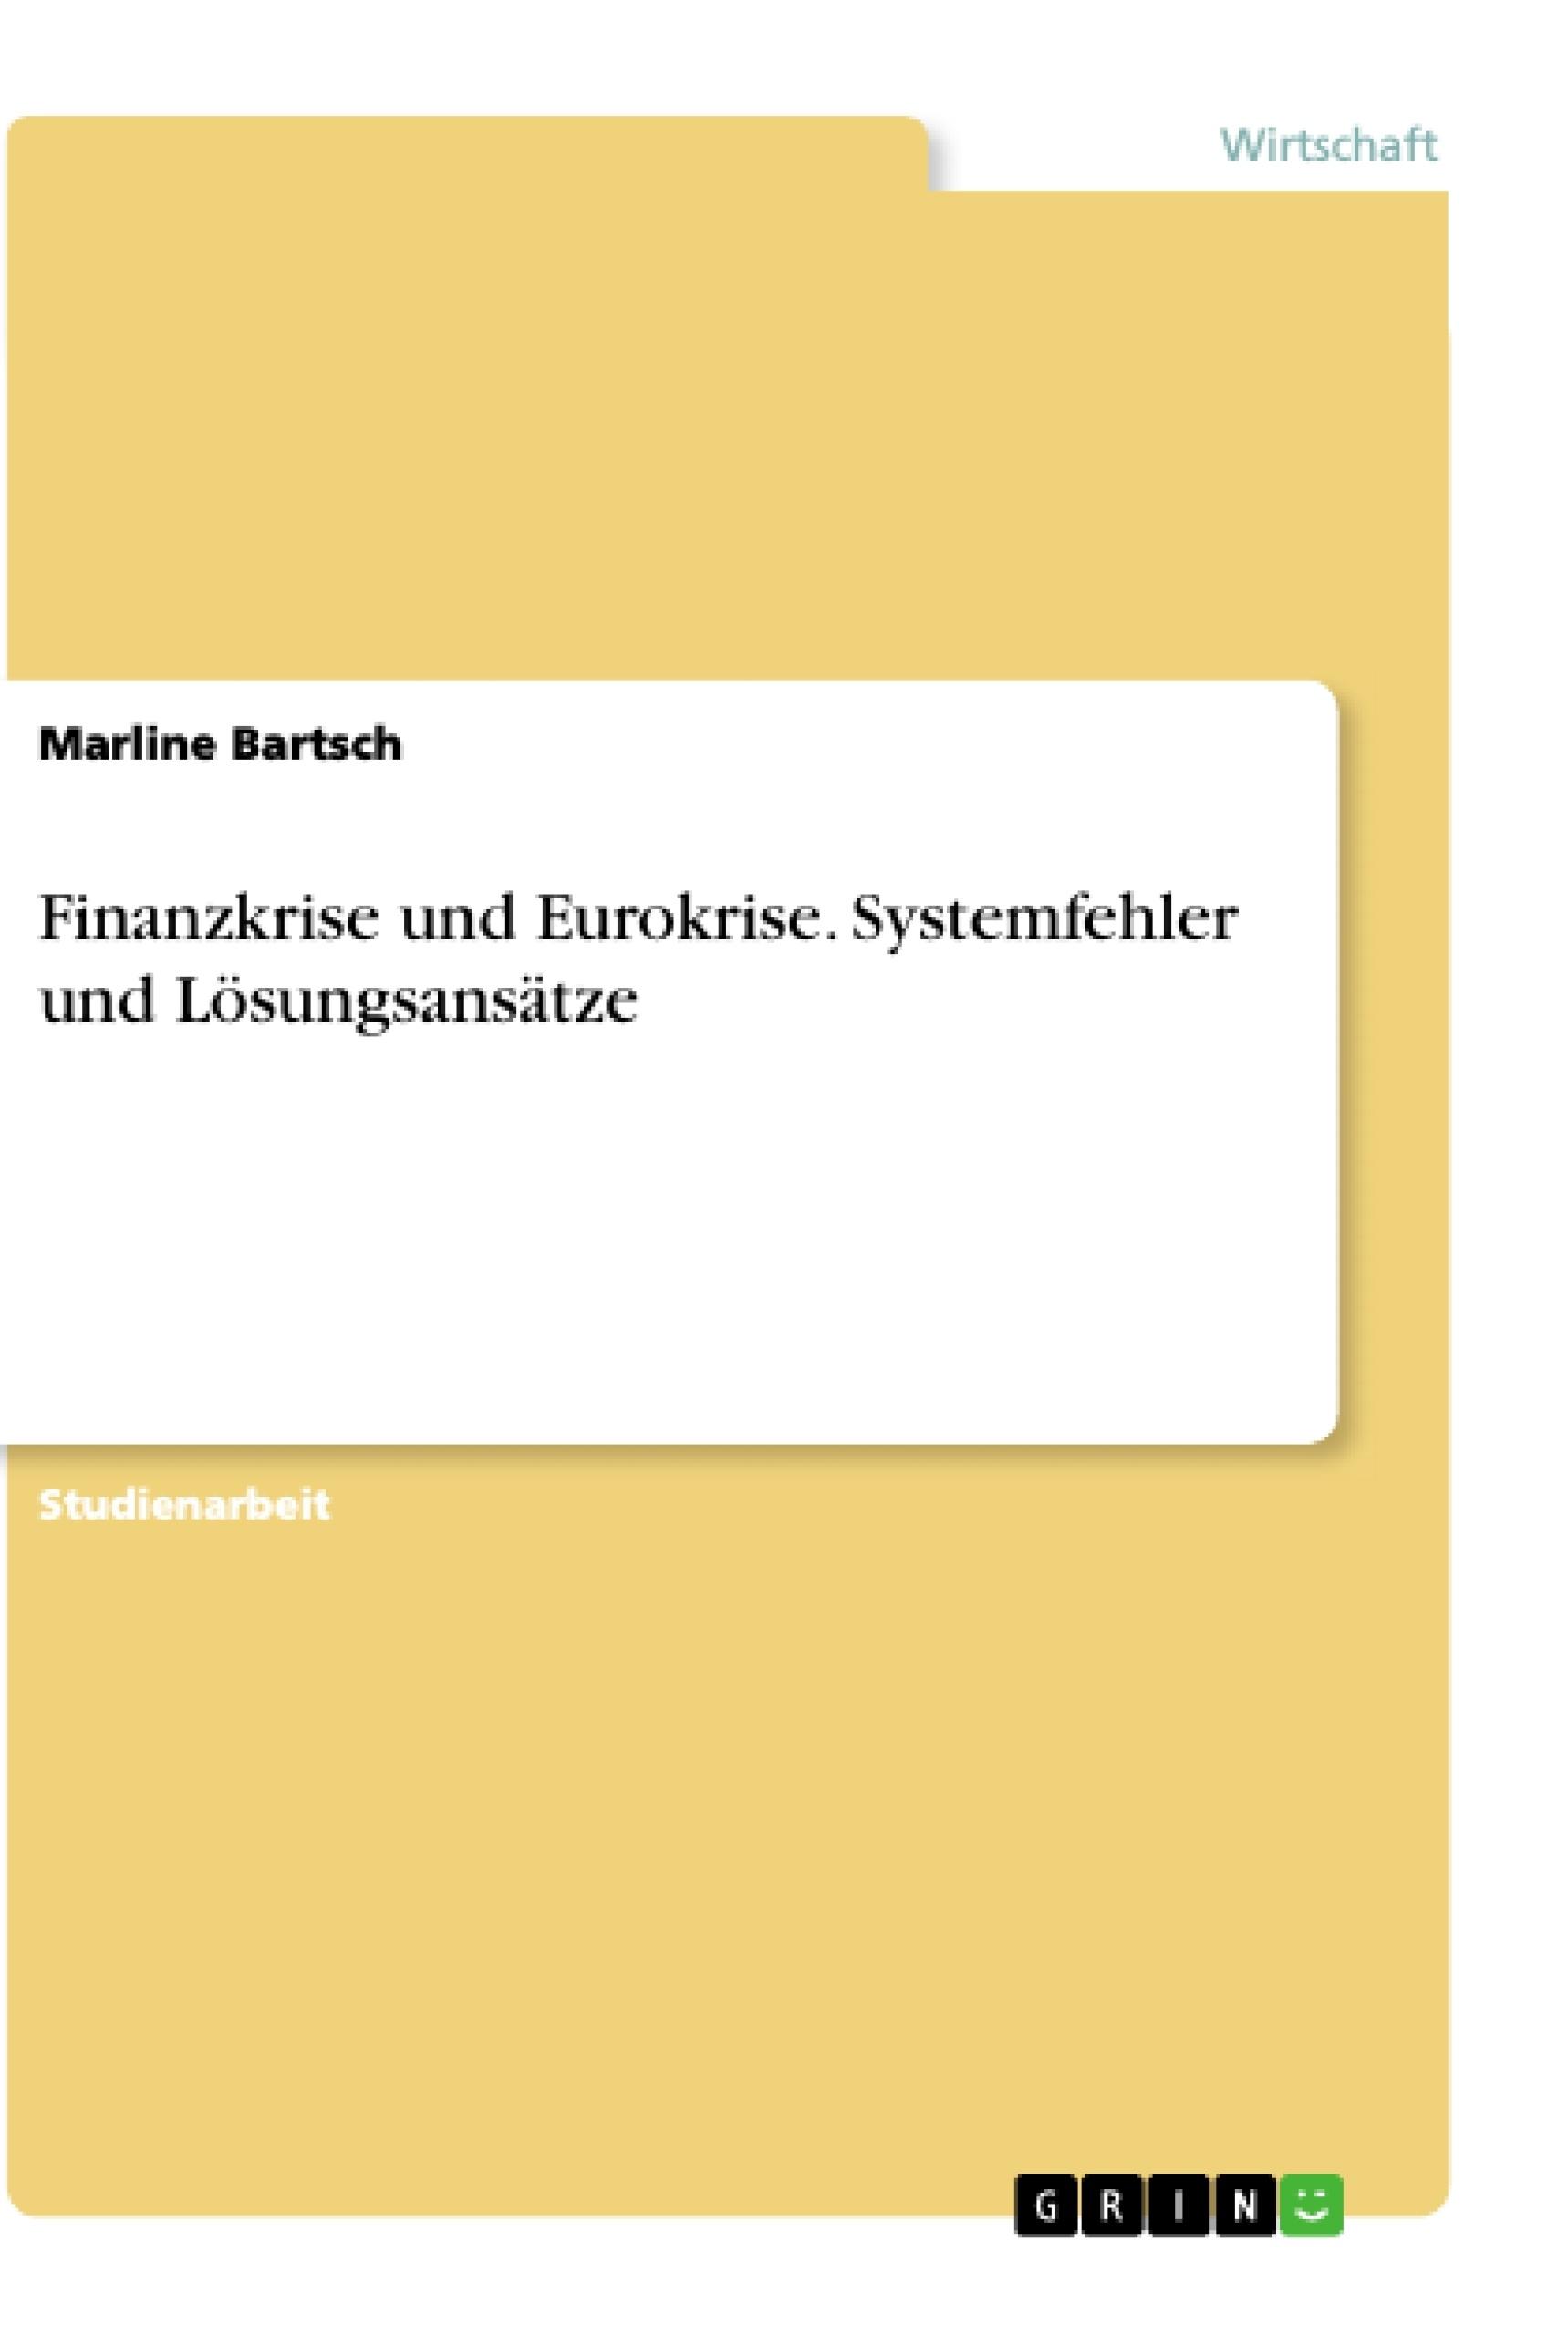 Titel: Finanzkrise und Eurokrise. Systemfehler und Lösungsansätze